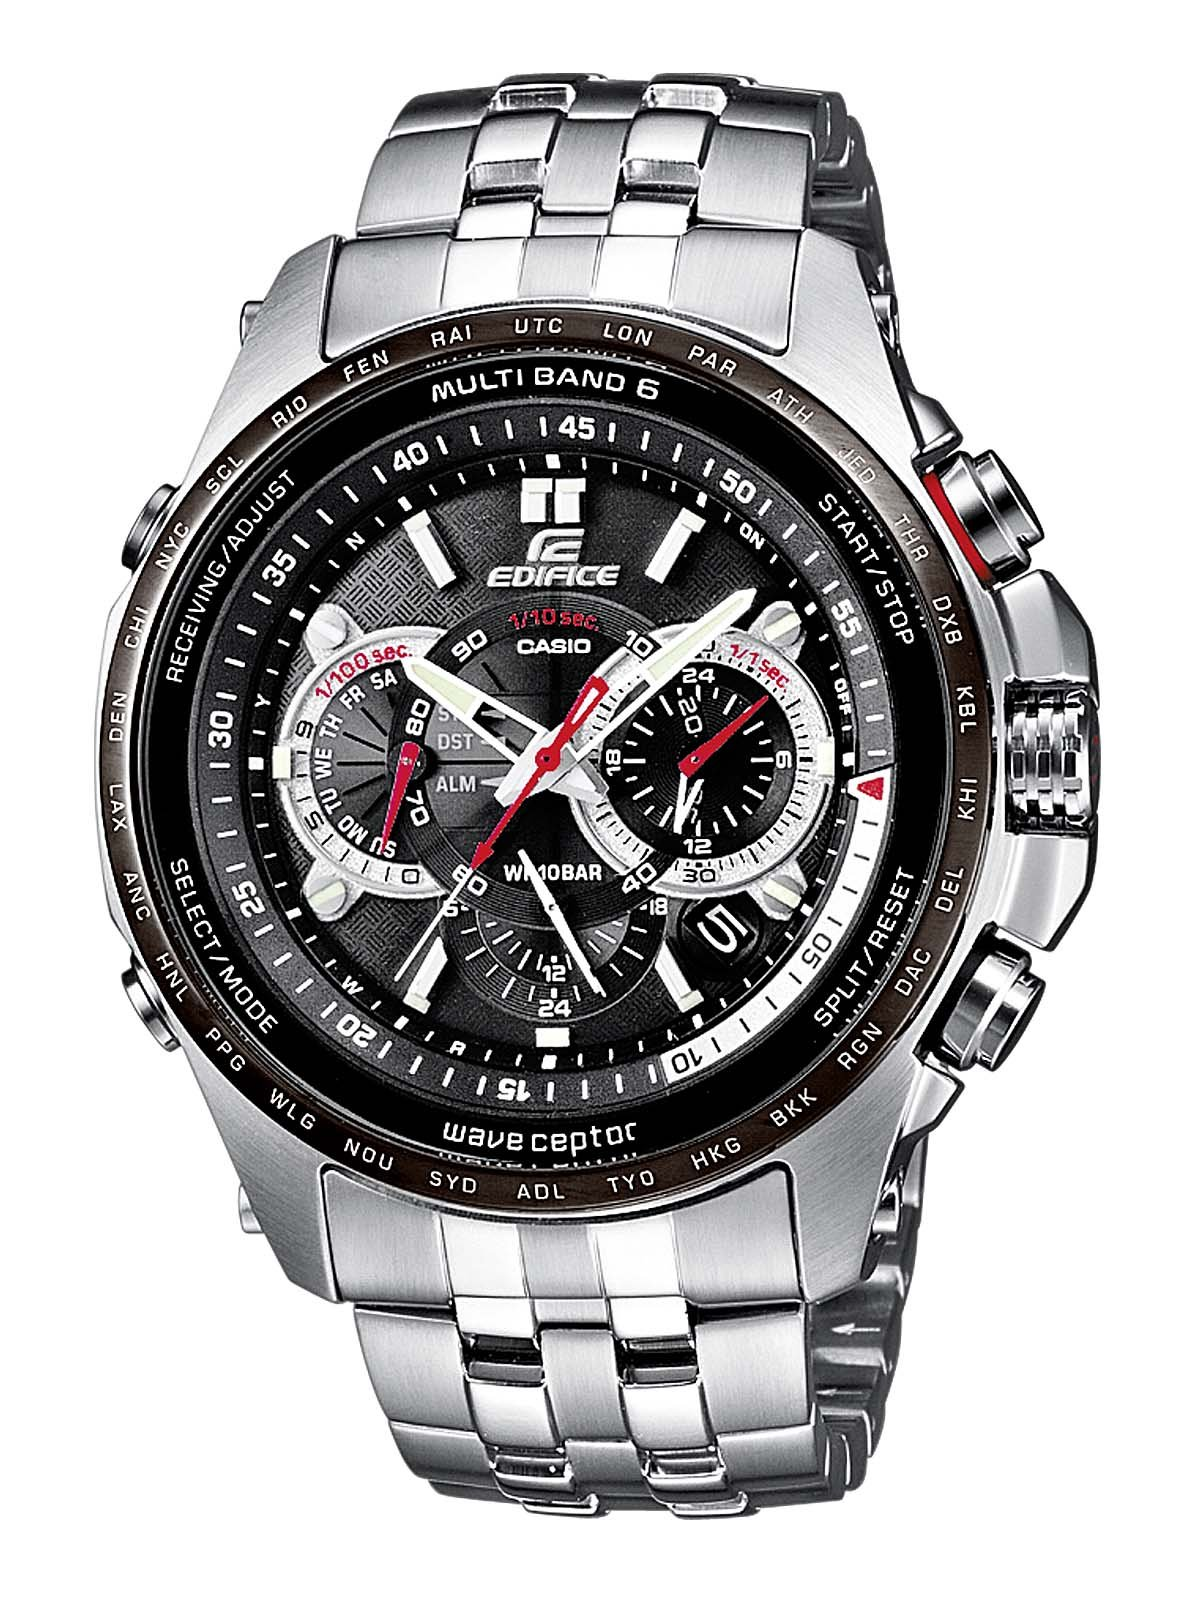 Casio EQW-M710DB-1A1ER Mens Edifice Chronograph Watch by Casio Edifice